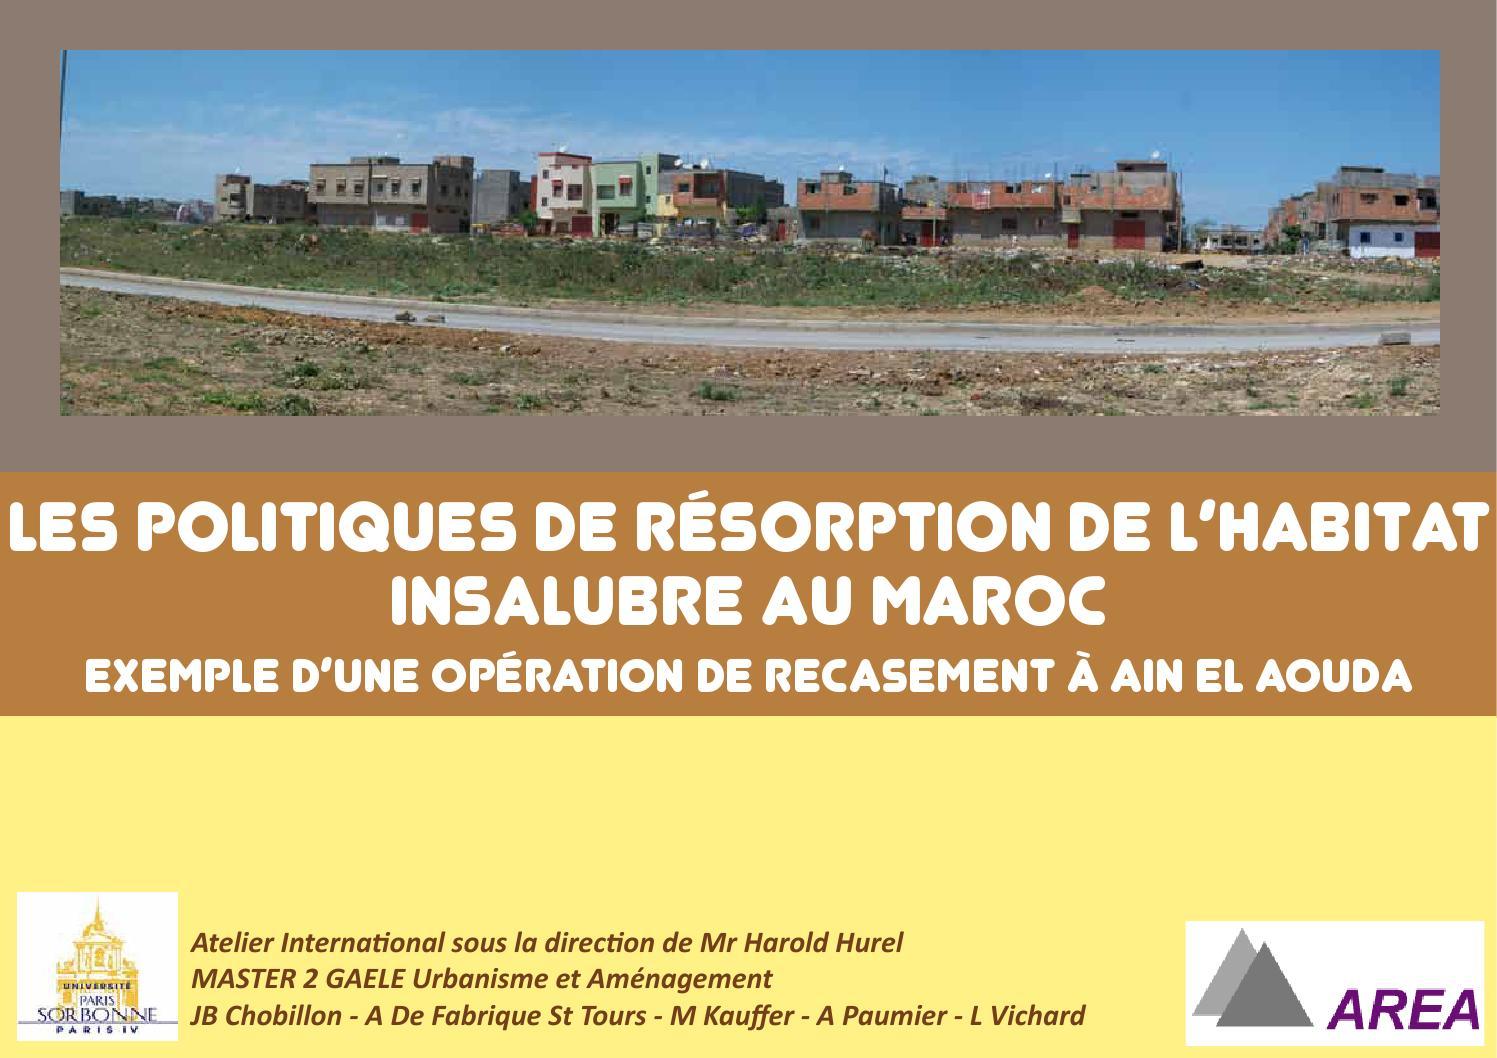 Les Politiques De Resorption Lhabitat Insalubre Au Maroc By Vichard Laure